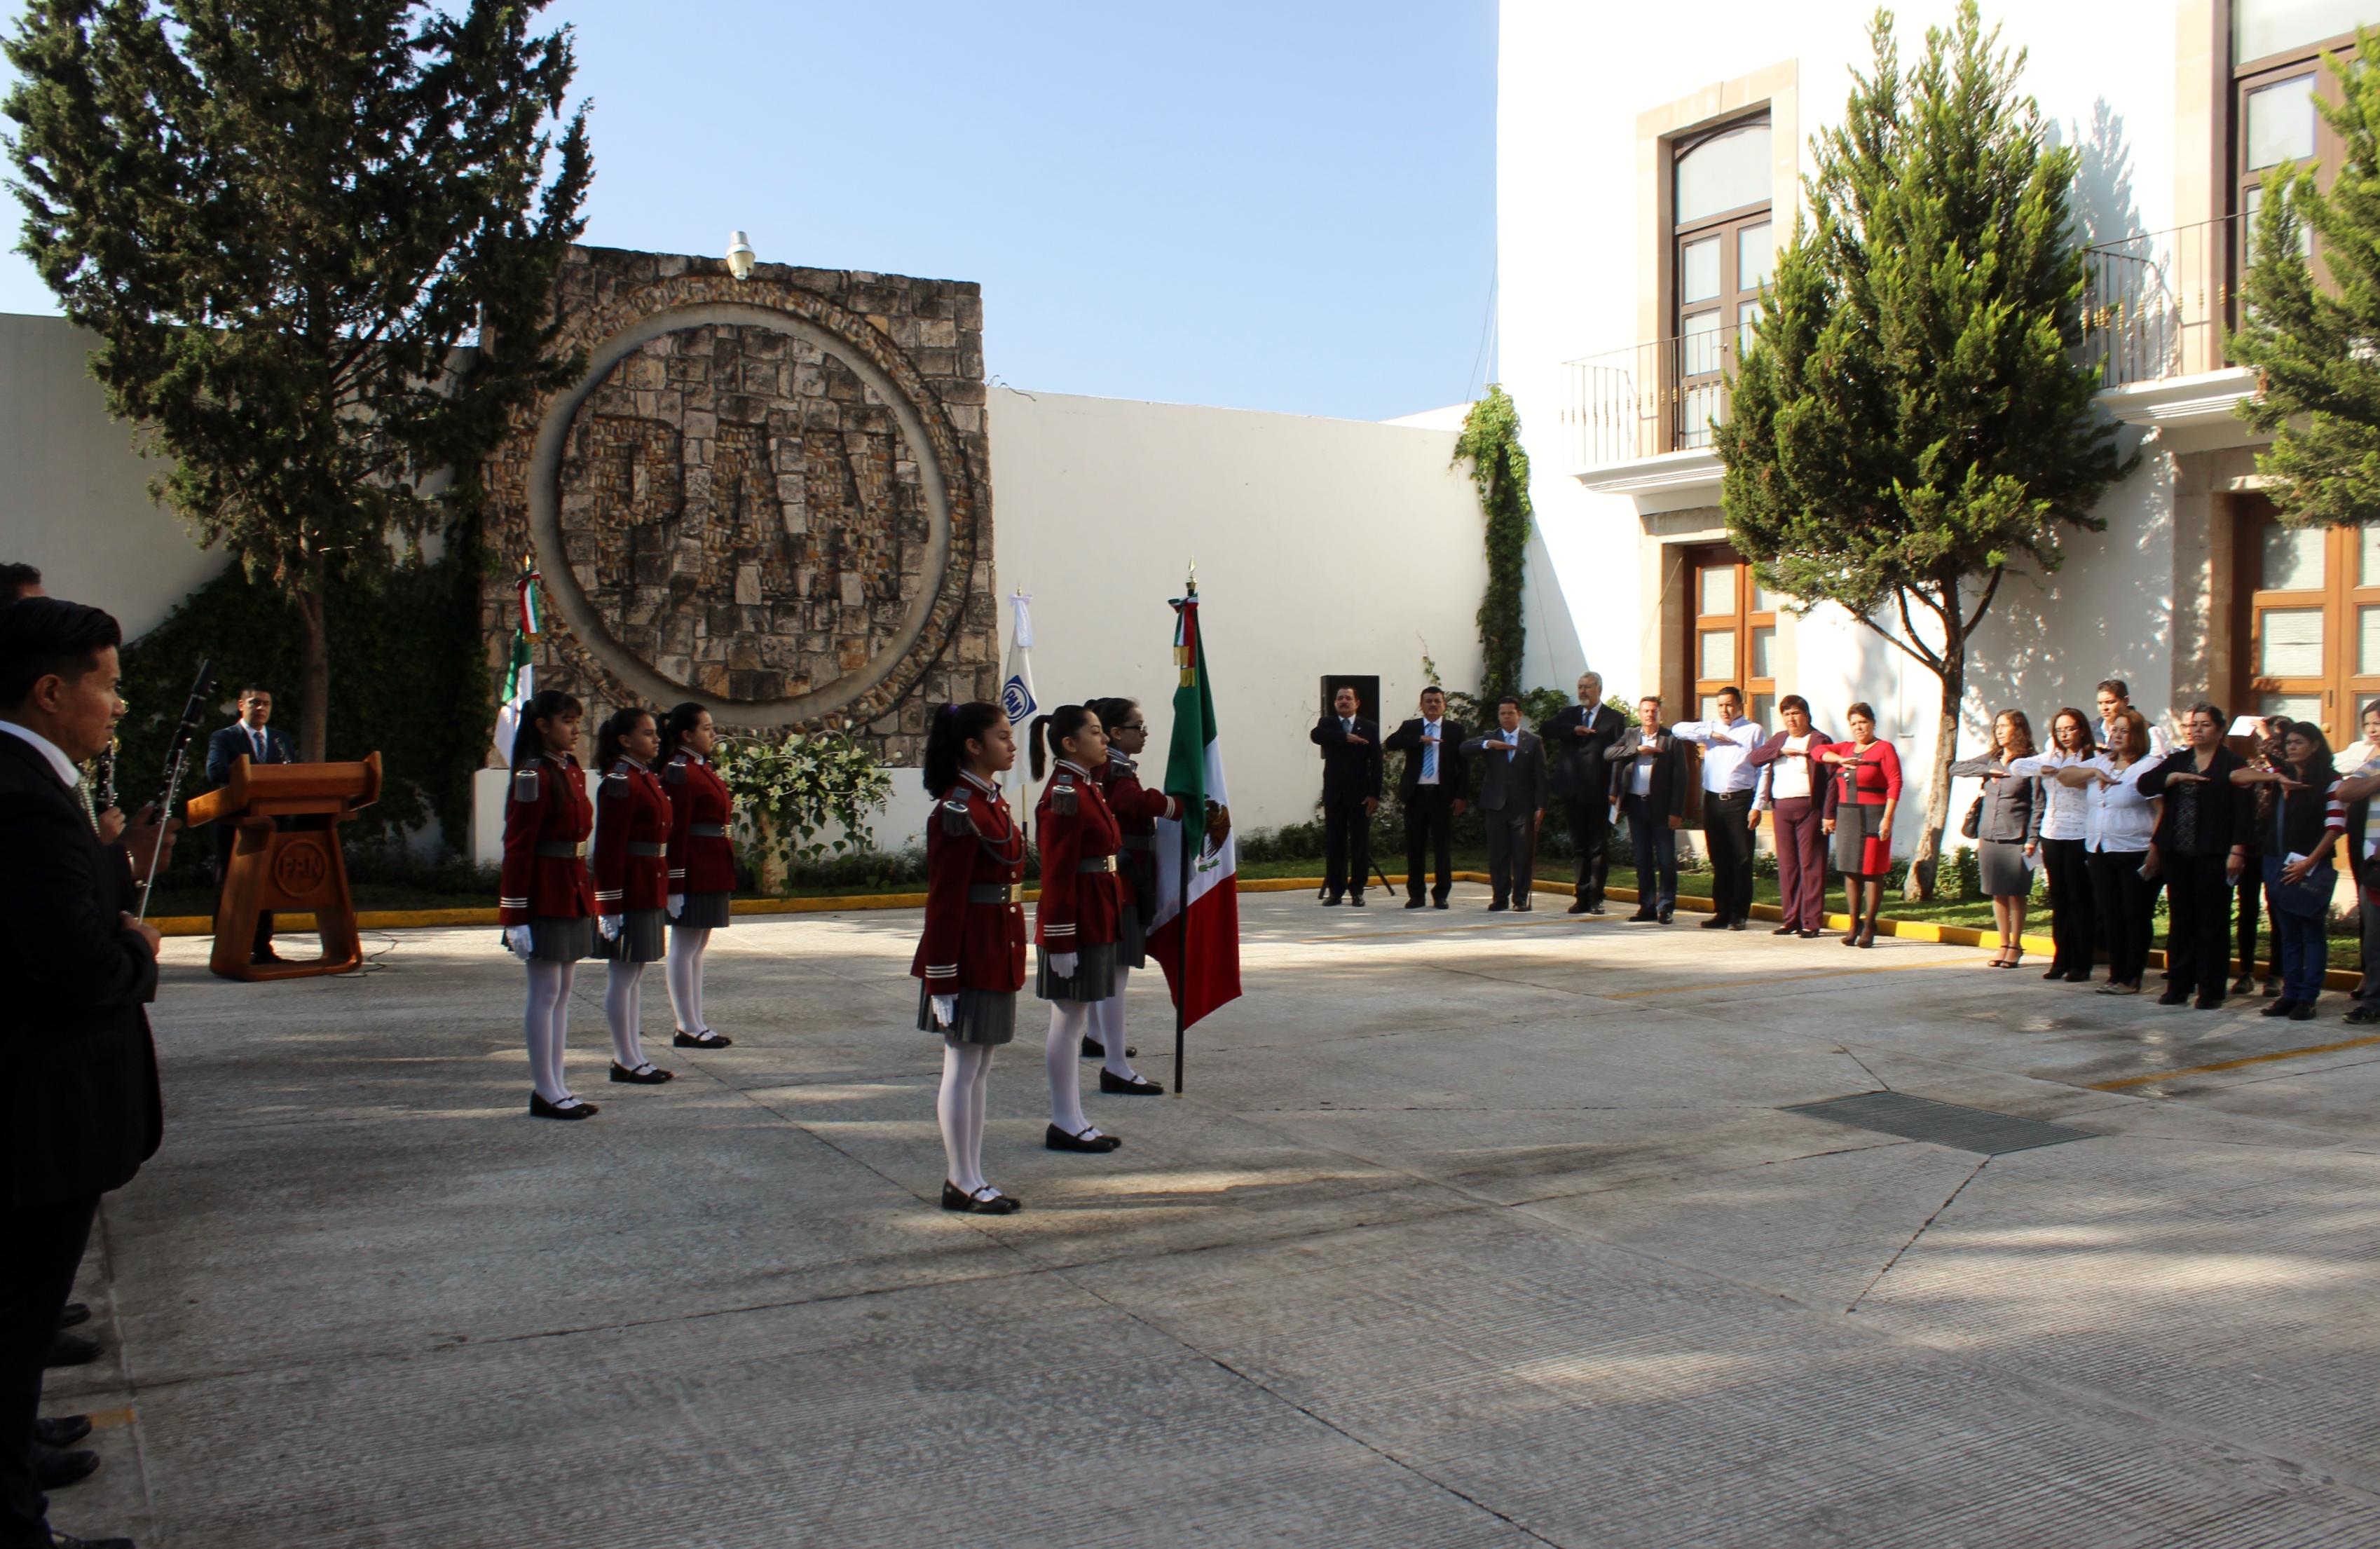 Llega Acción Nacional a su 78 aniversario con unidad y fortaleza